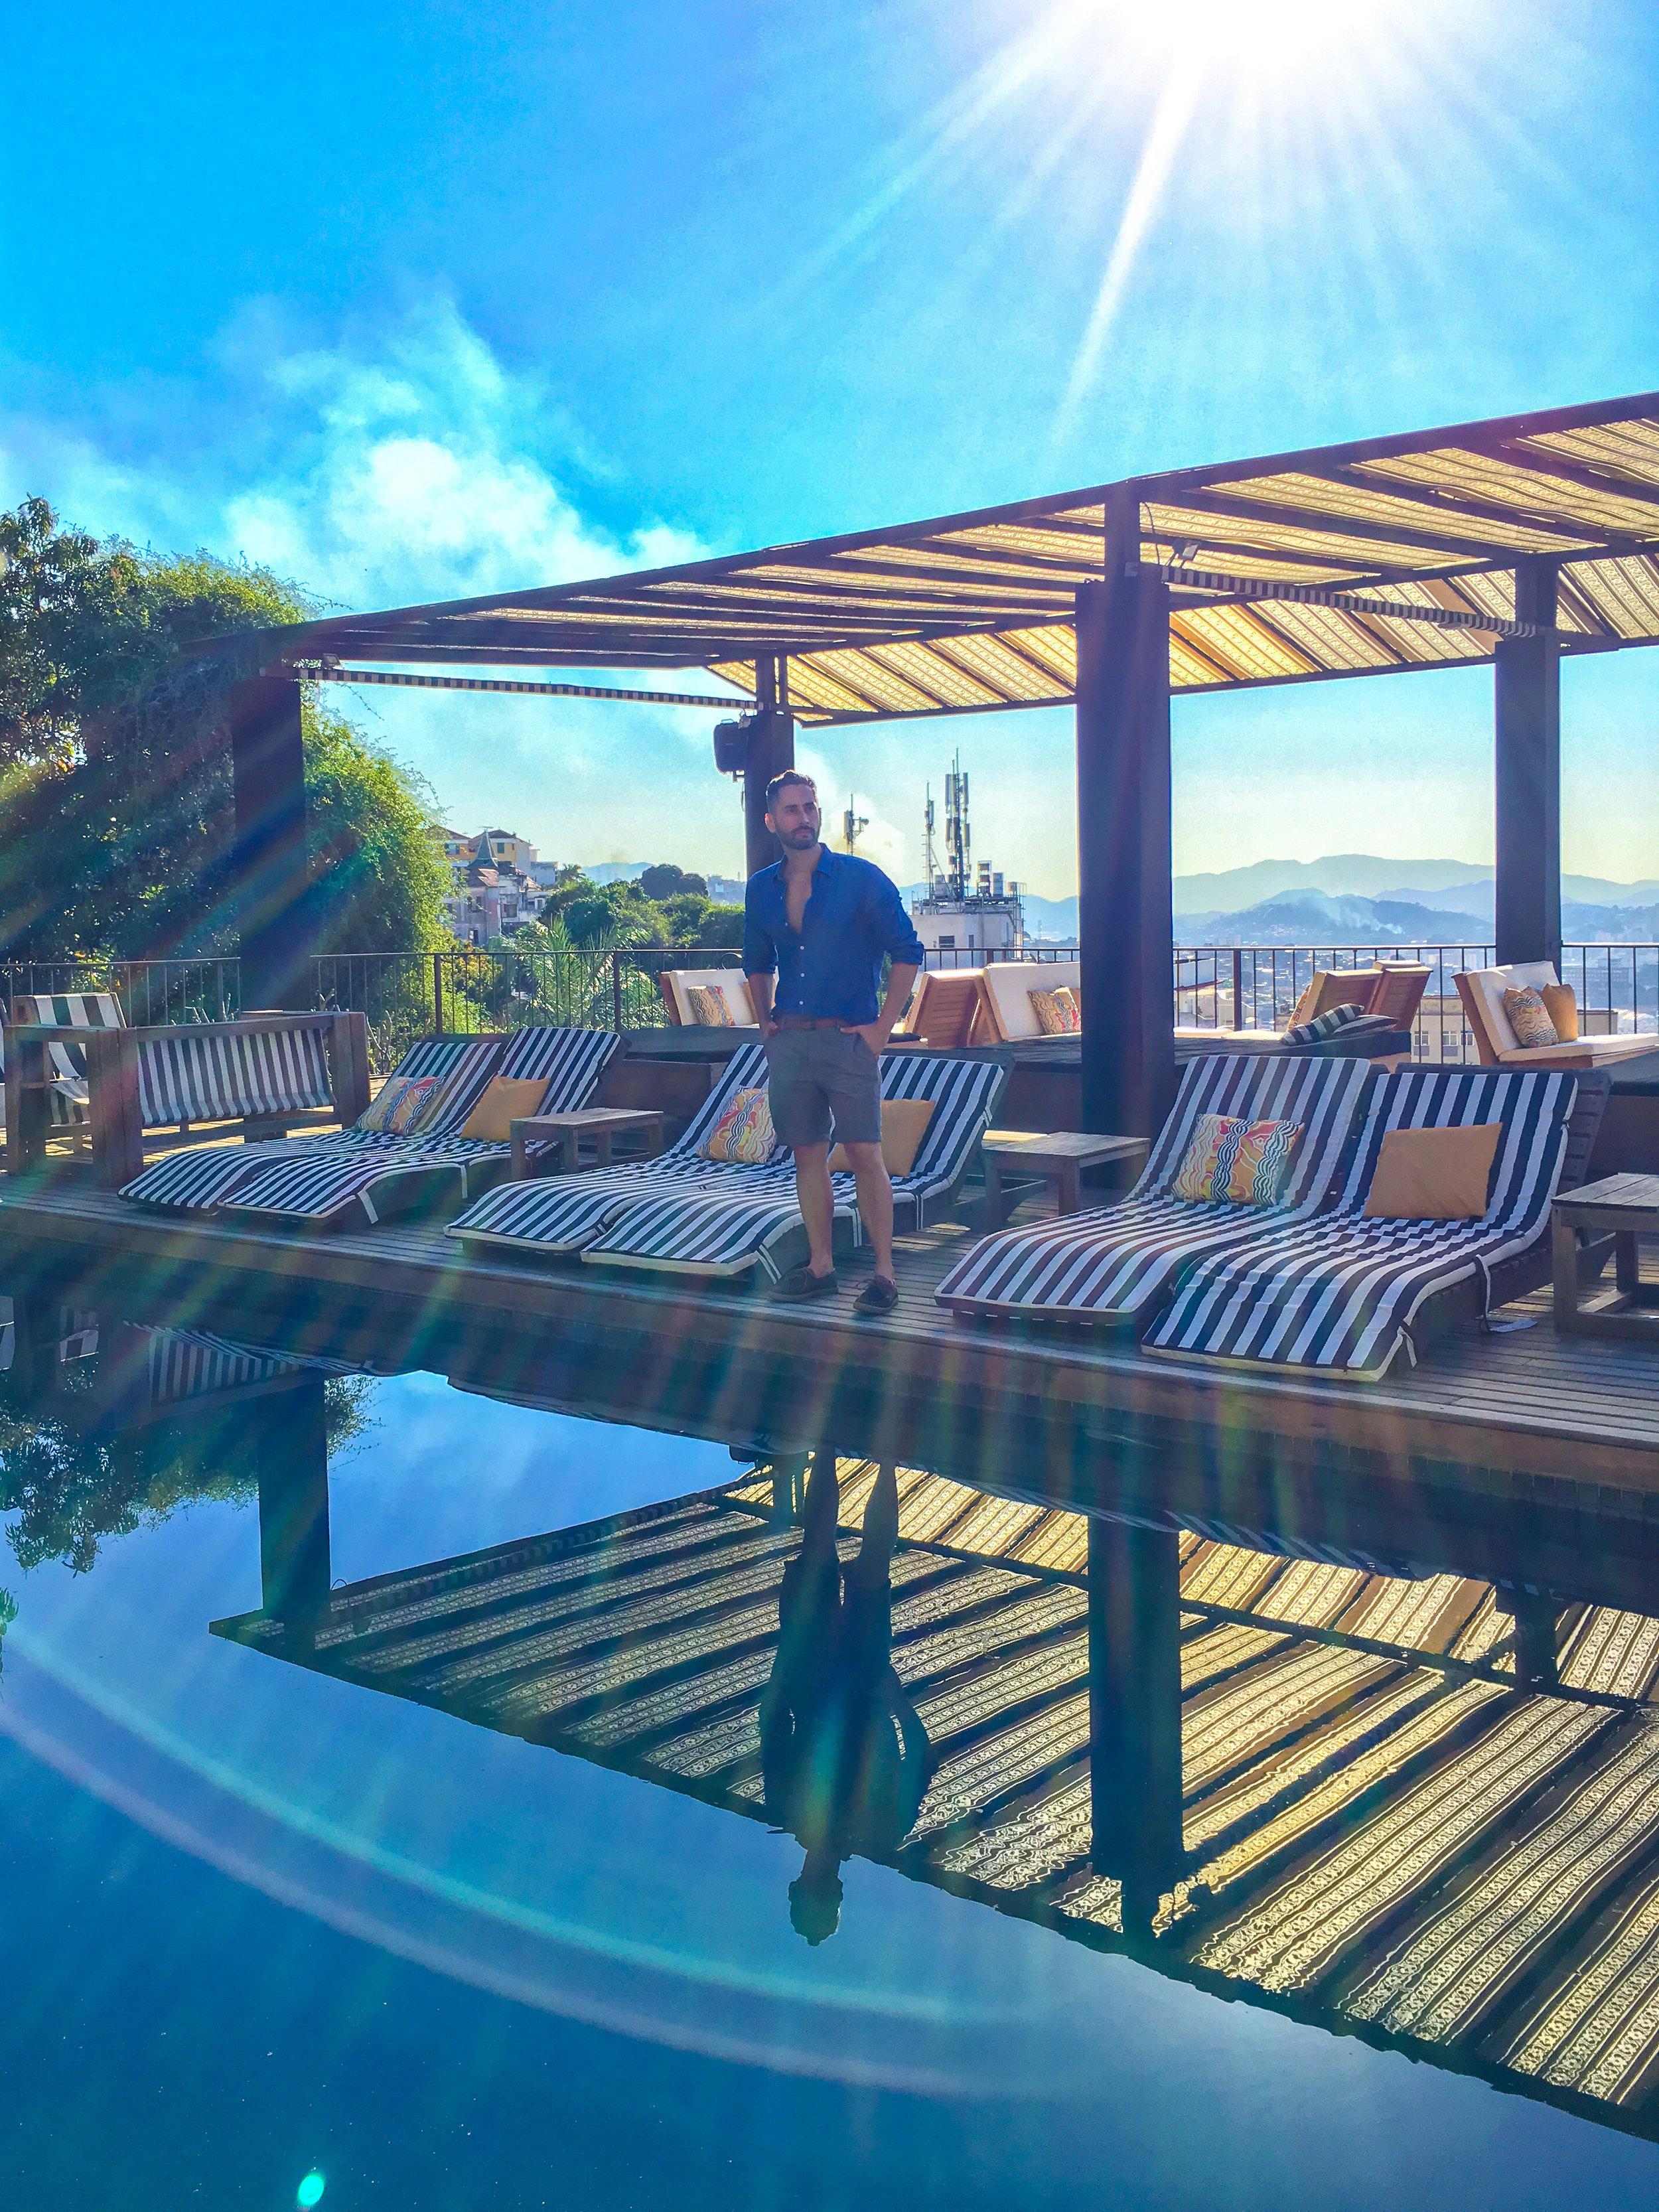 A piscina do hotel rodeada de árvores é o lugar ideal para relaxar e beber um bom drink. A vista do deck da piscina é deslumbrante.